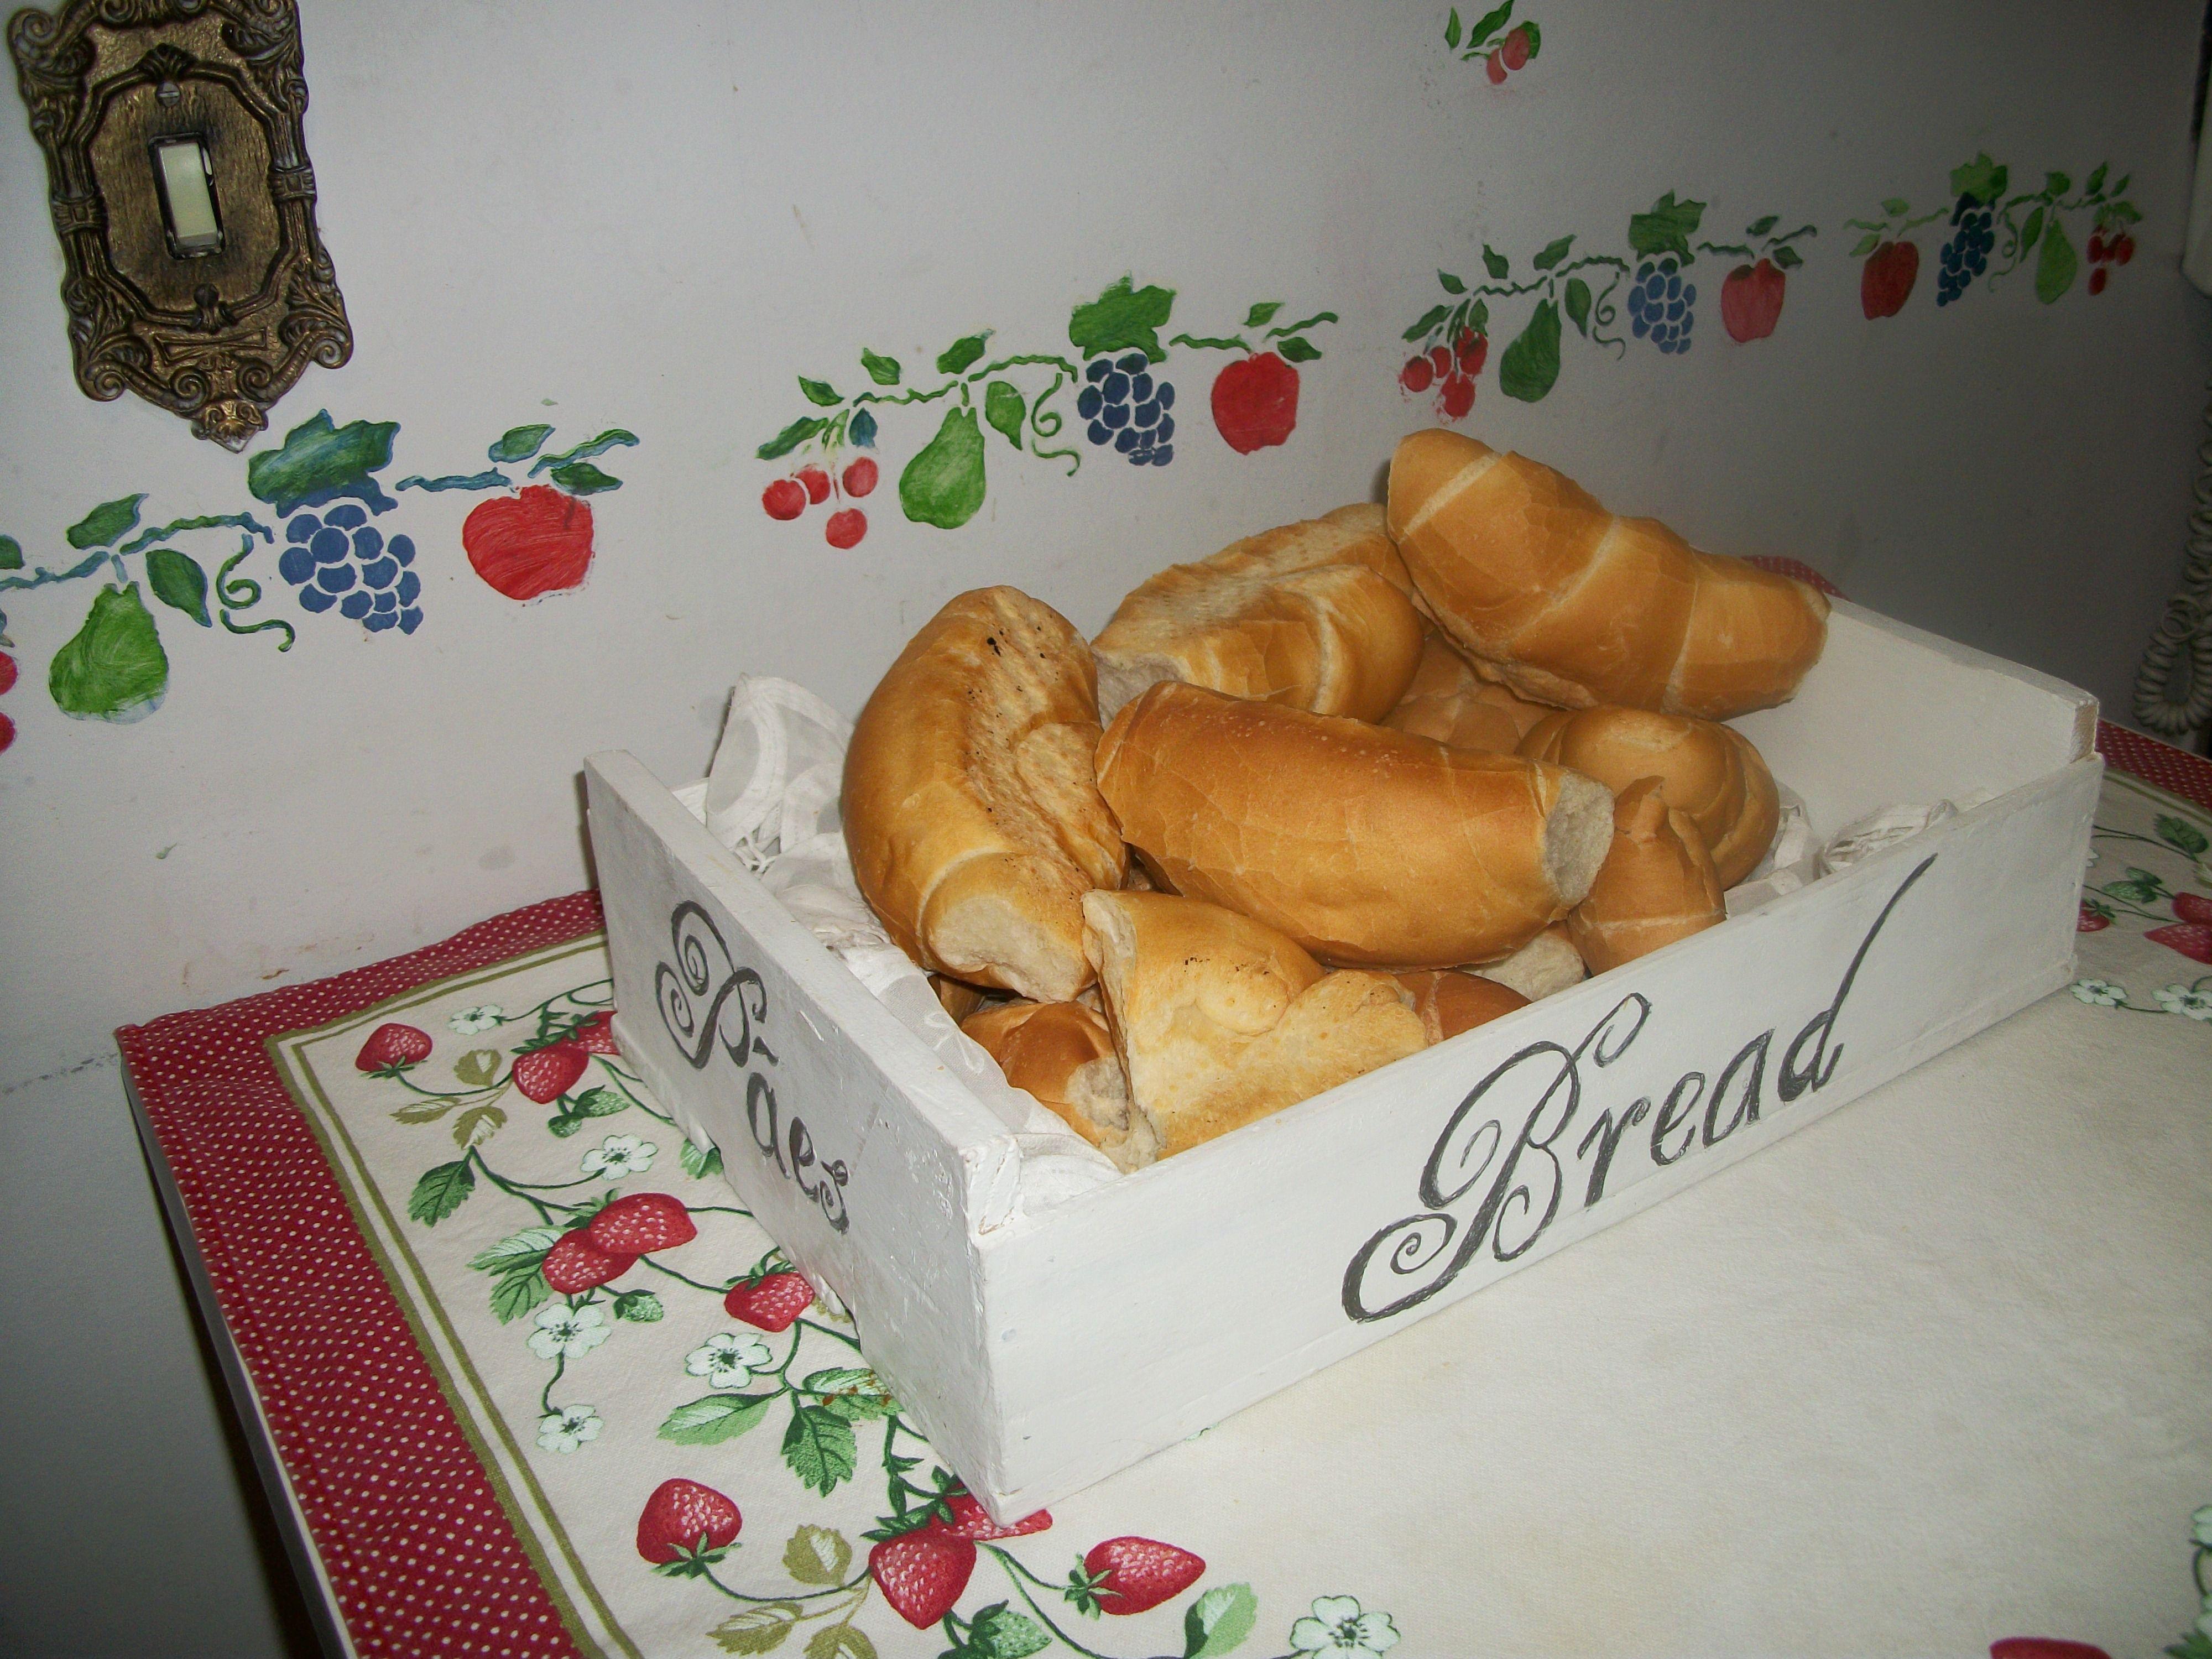 Caixote de fruta reciclado se transforma em cesto de pão. Em todos os lados escrito pão ( em inglês,português,italiano...) By Rose Oak.